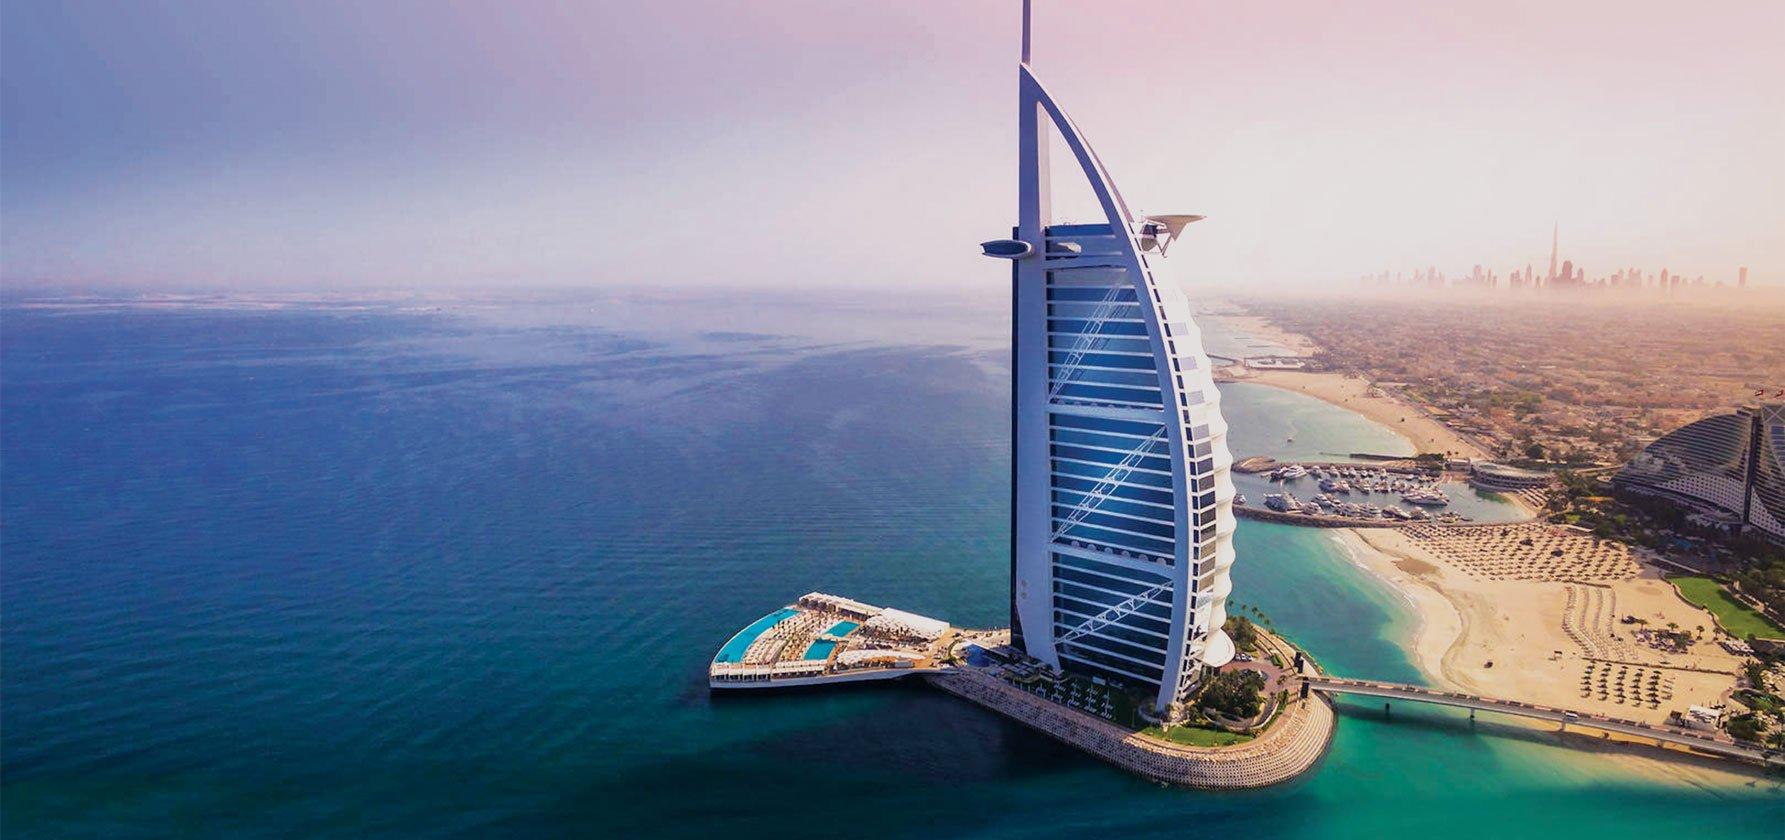 Burj-Al-Arab-_-Dubai,-UAE-1